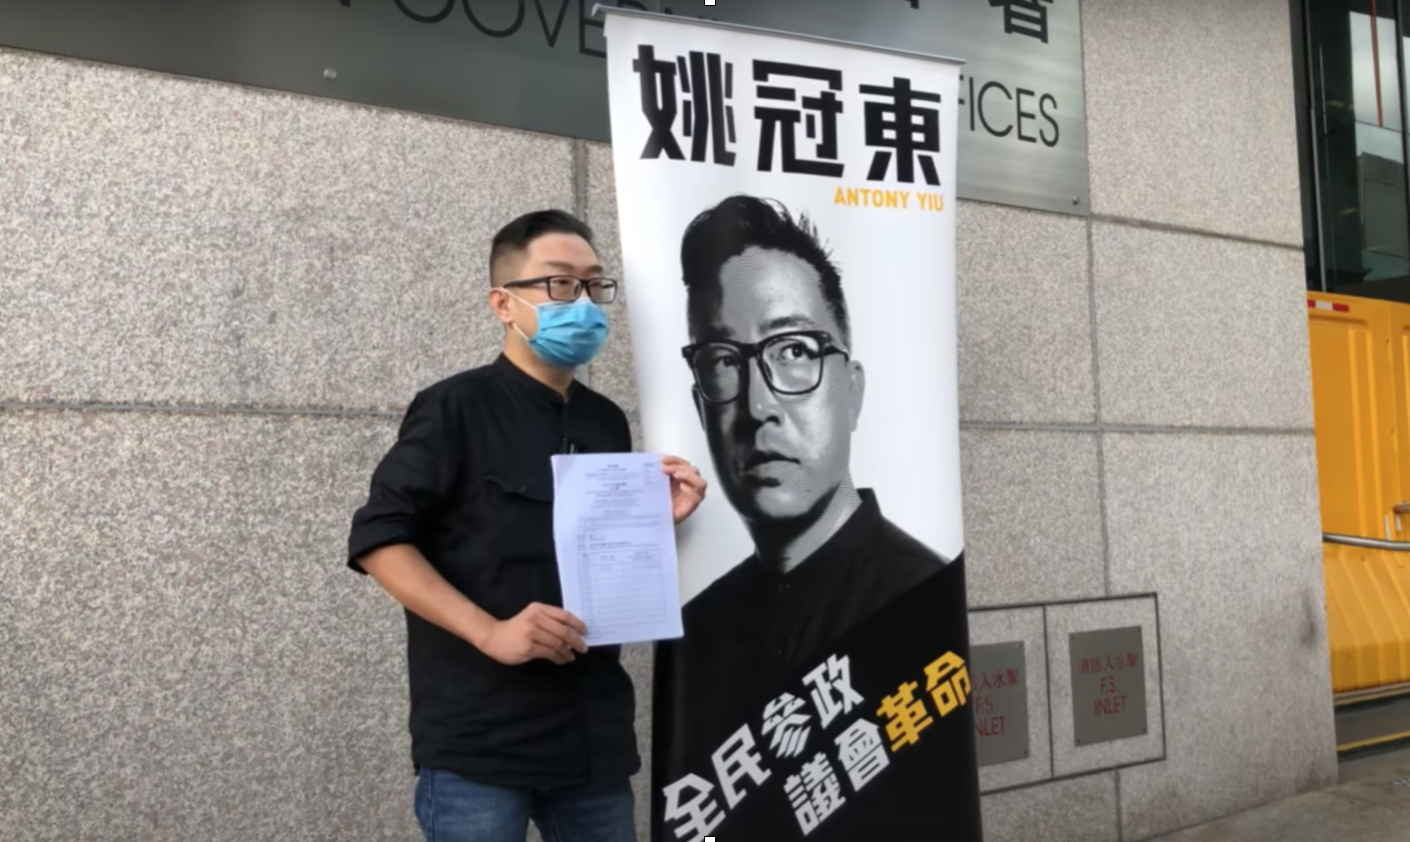 全民參政召集人姚冠東7月29日報名參選新界東。(影片截圖)